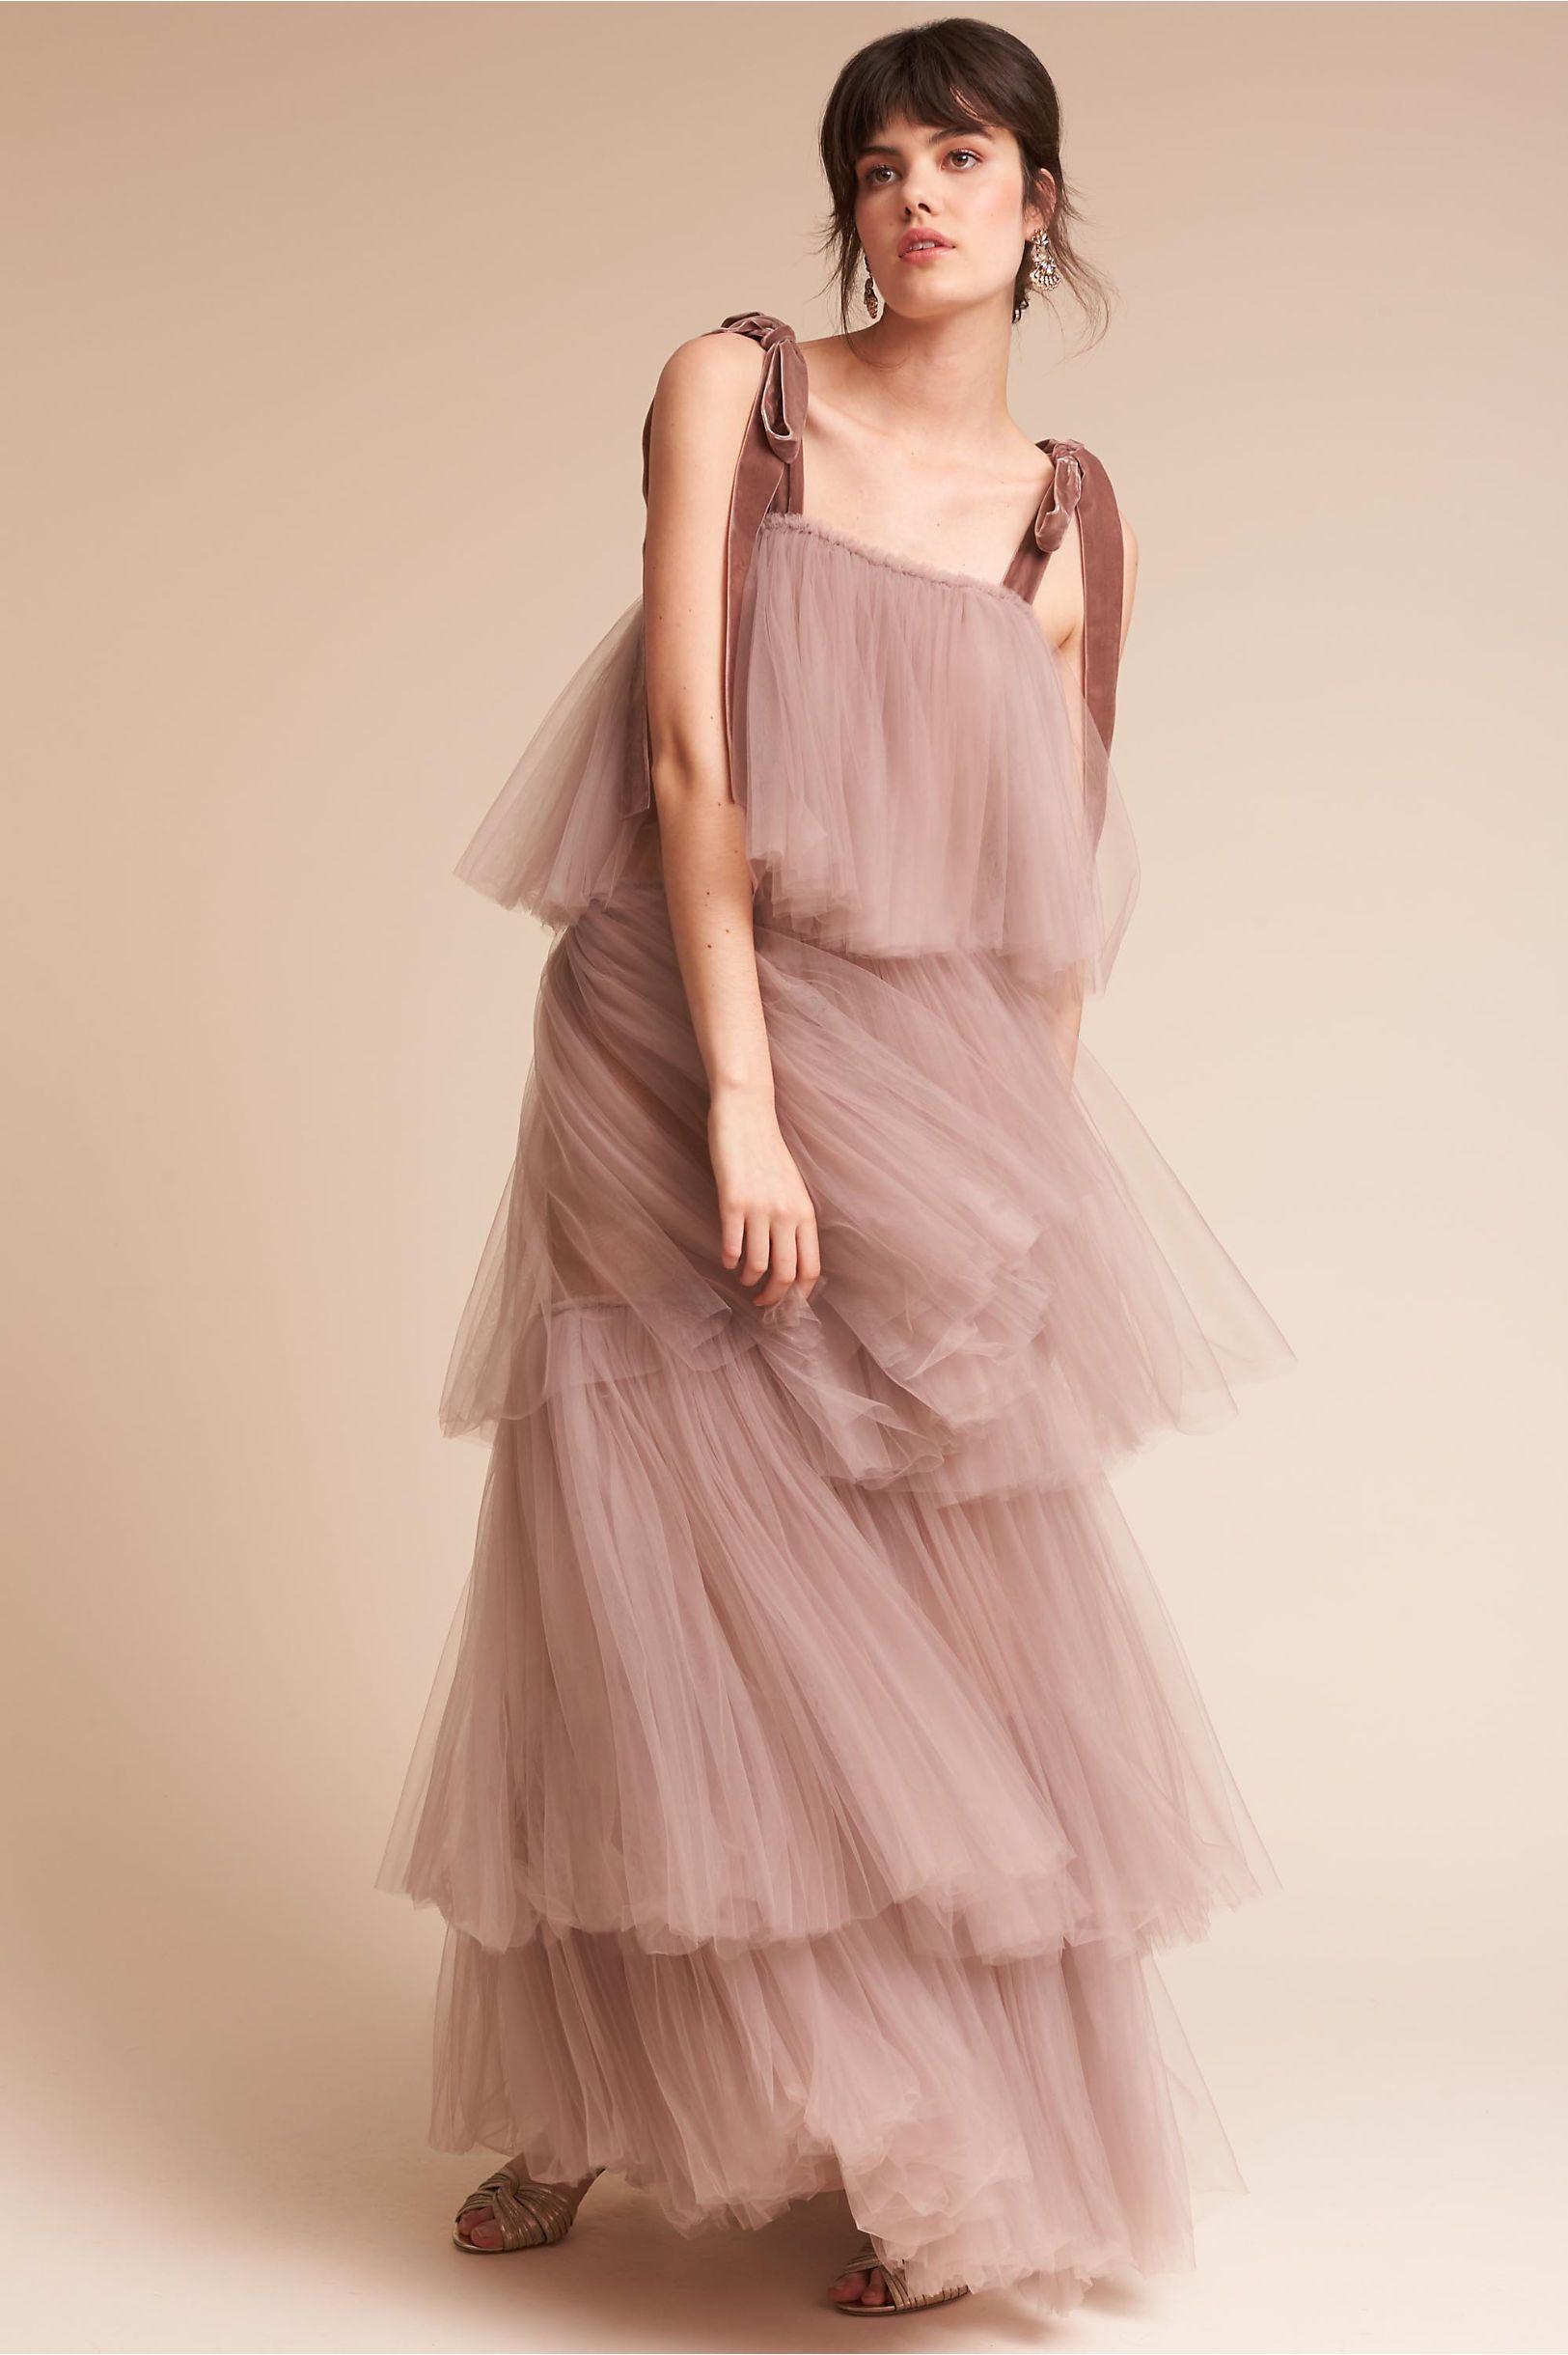 Asombroso Flamenco Wedding Dress Imágenes - Colección de Vestidos de ...